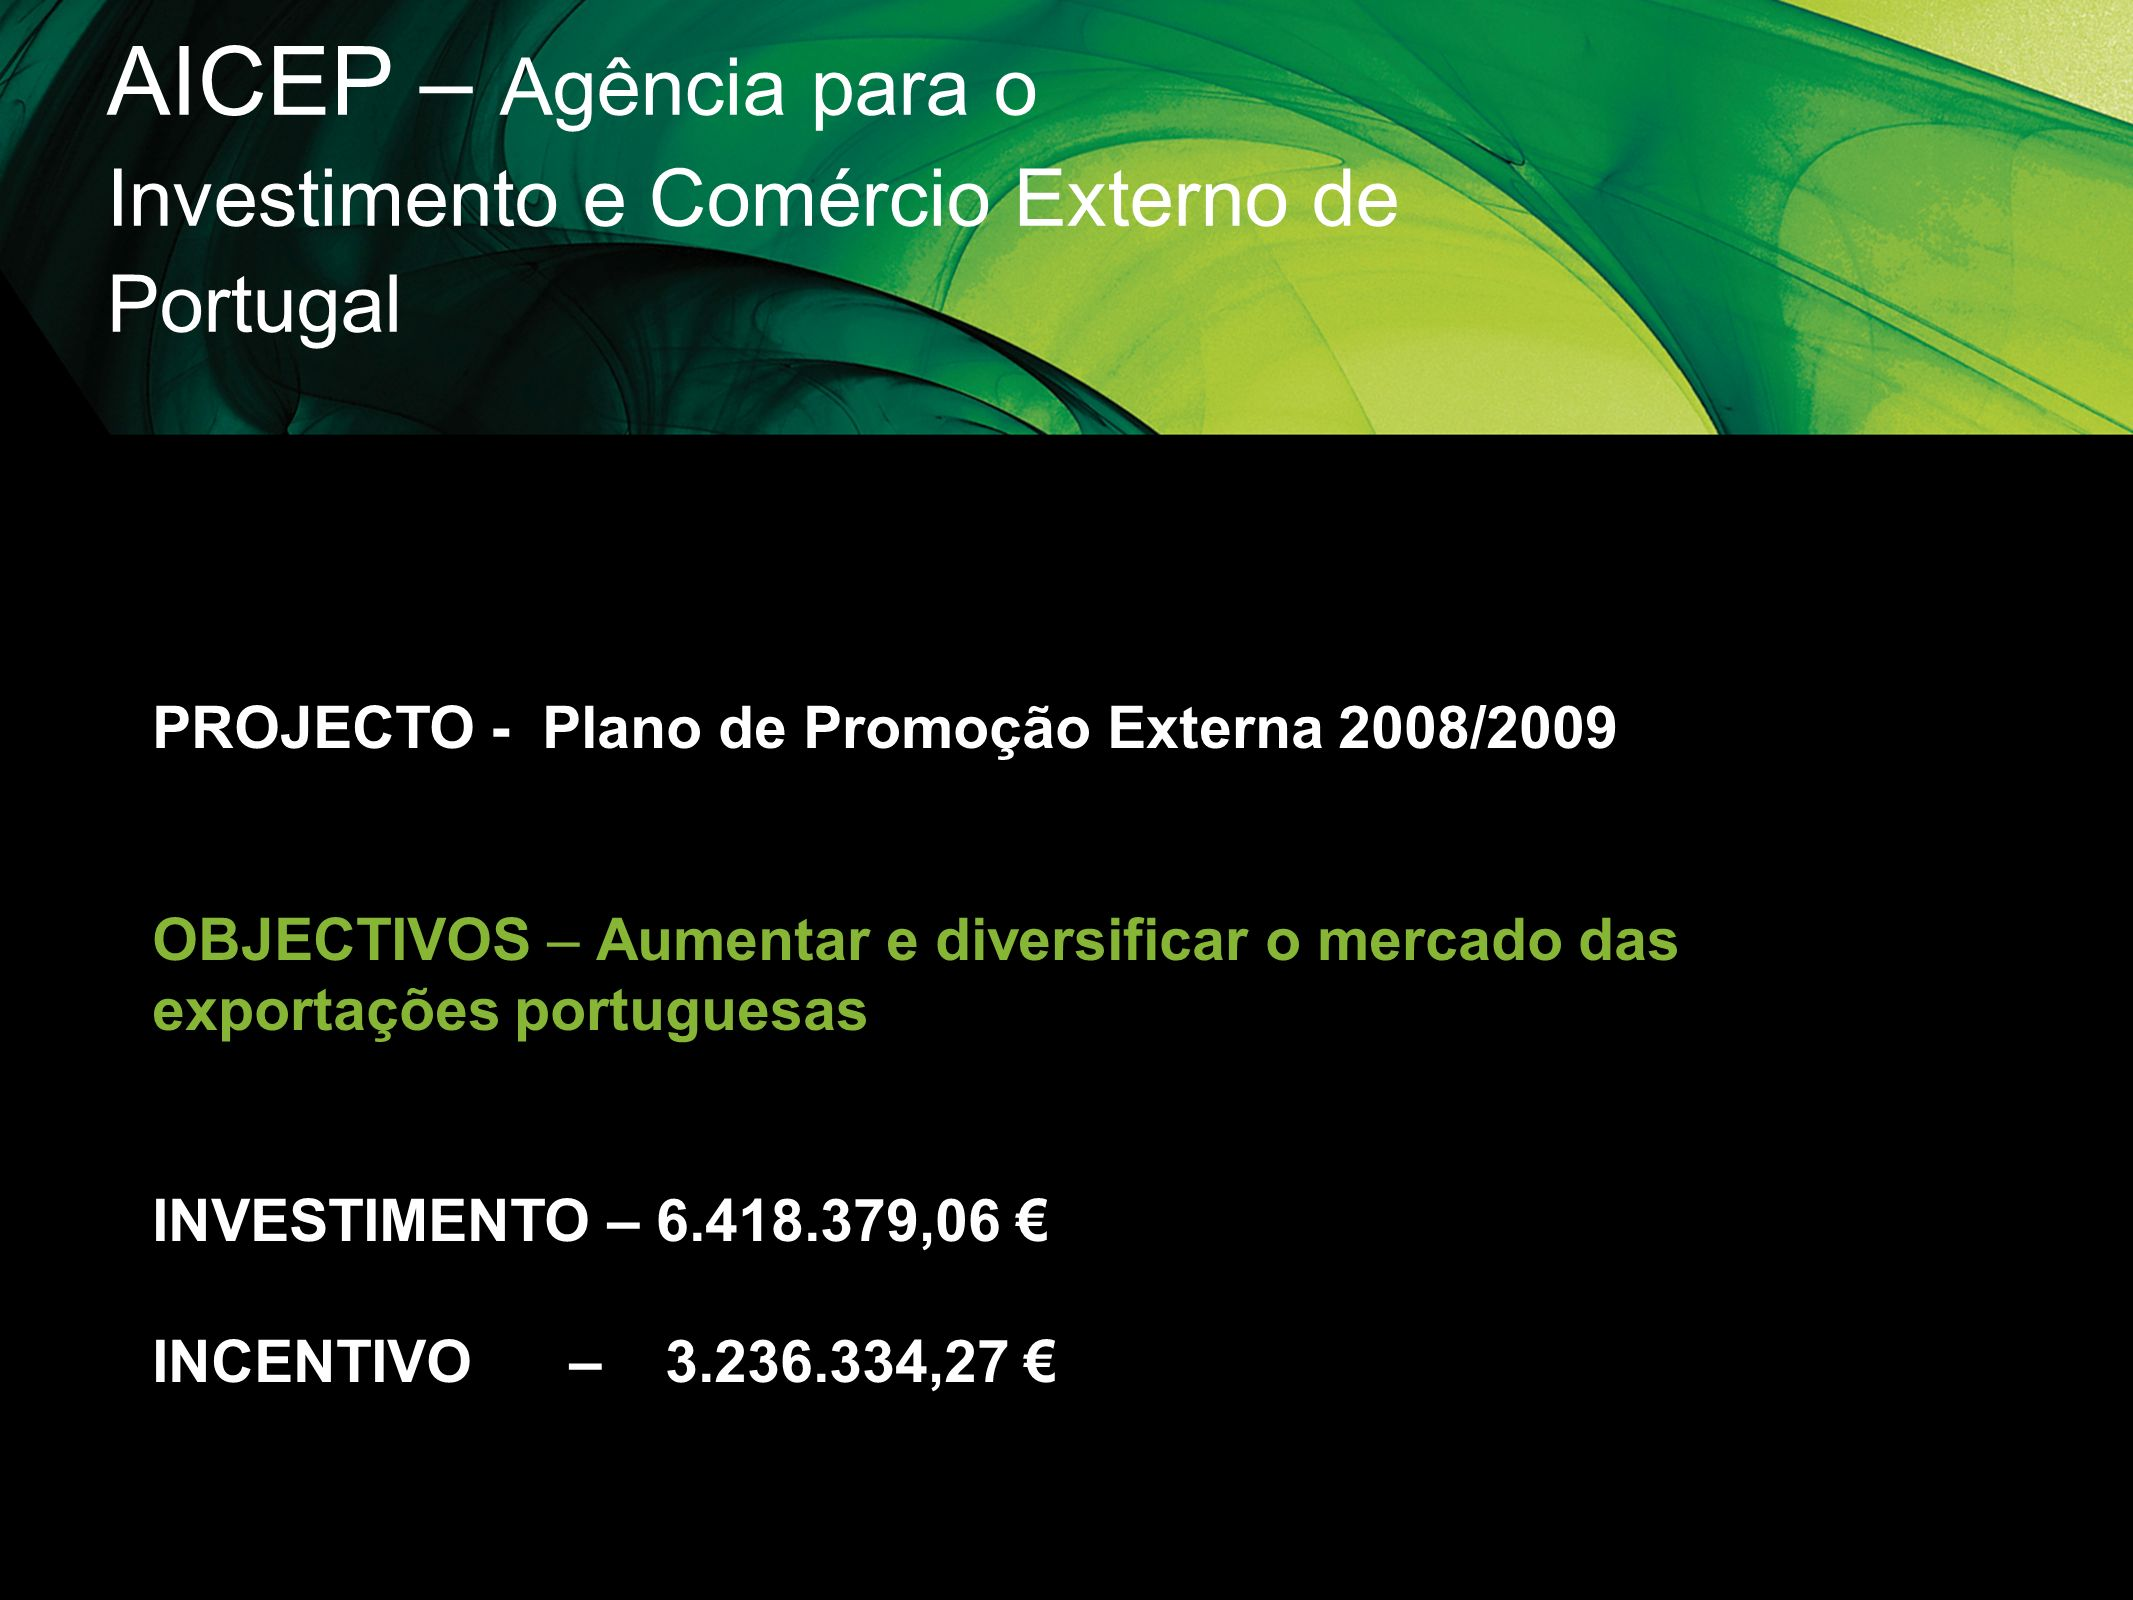 AICEP – Agência para o Investimento e Comércio Externo de Portugal